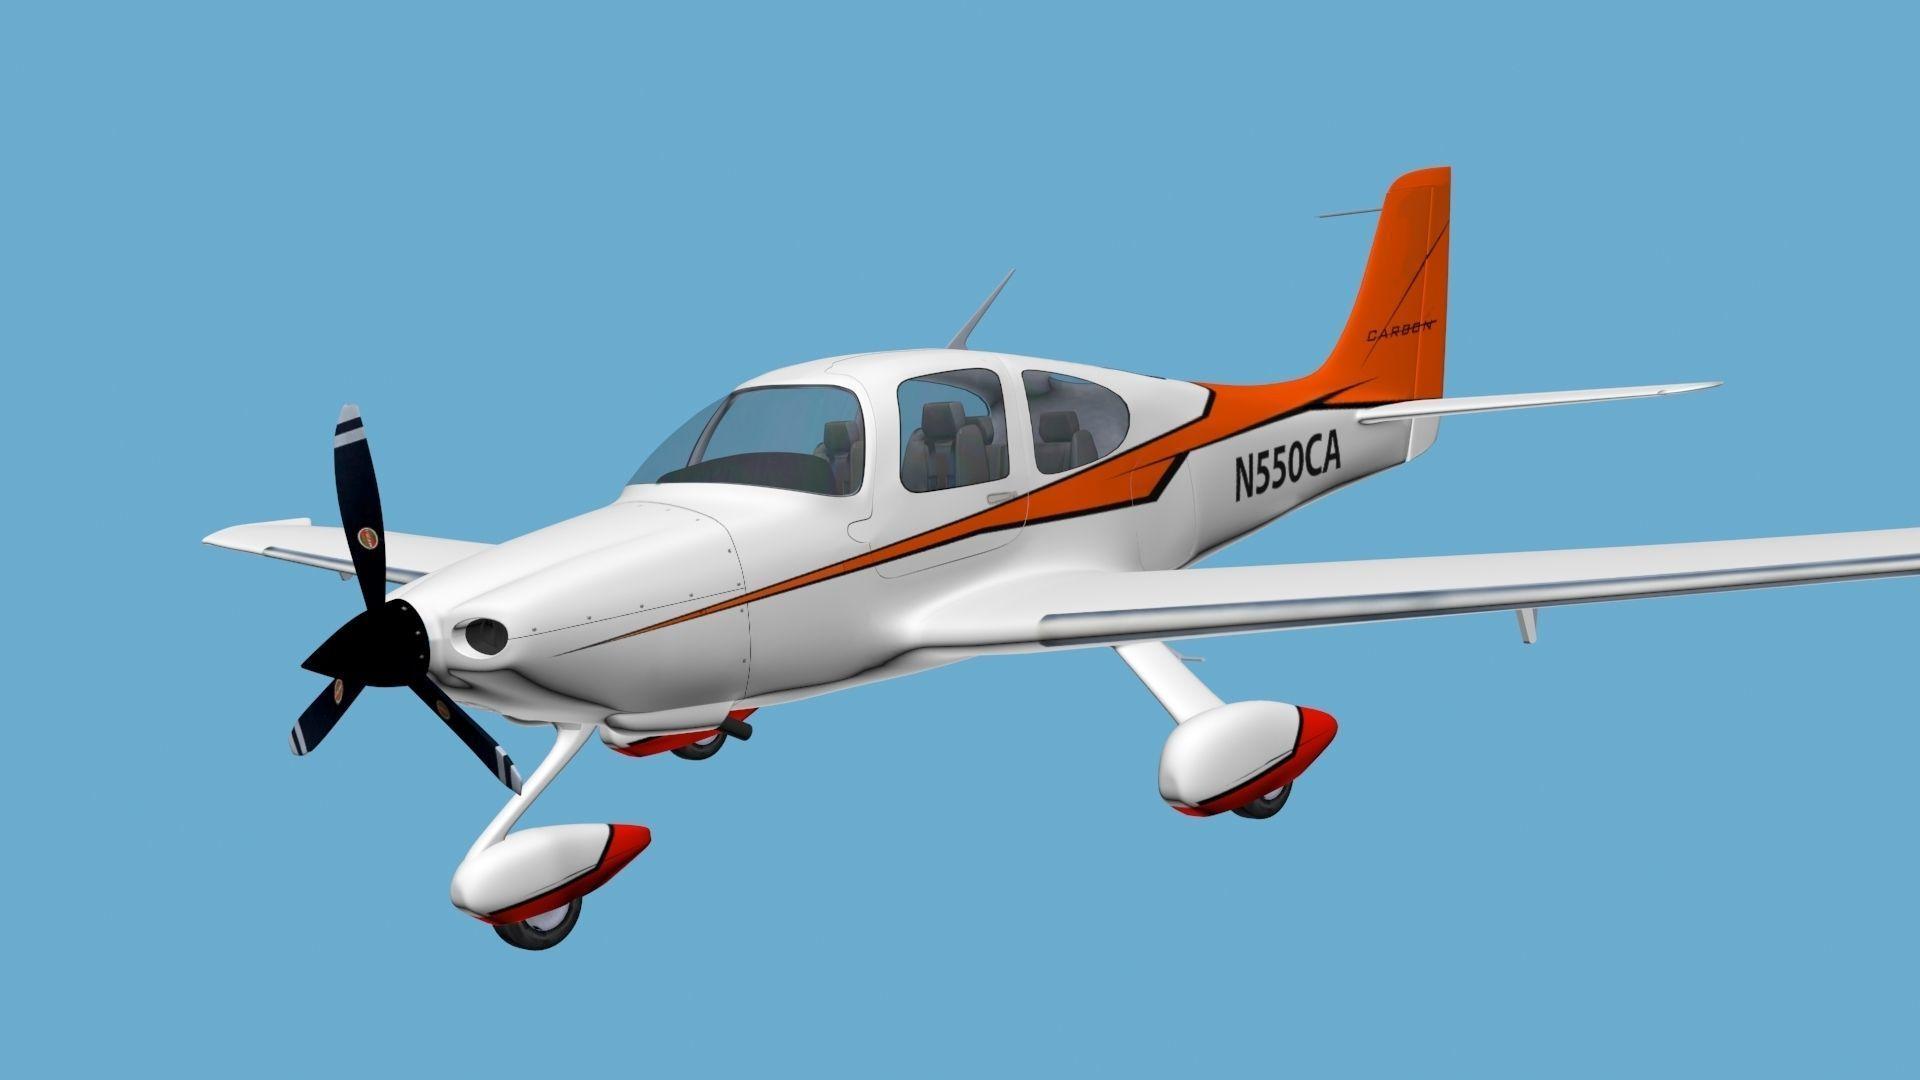 Cirrus Sr-22 airplane high detailed